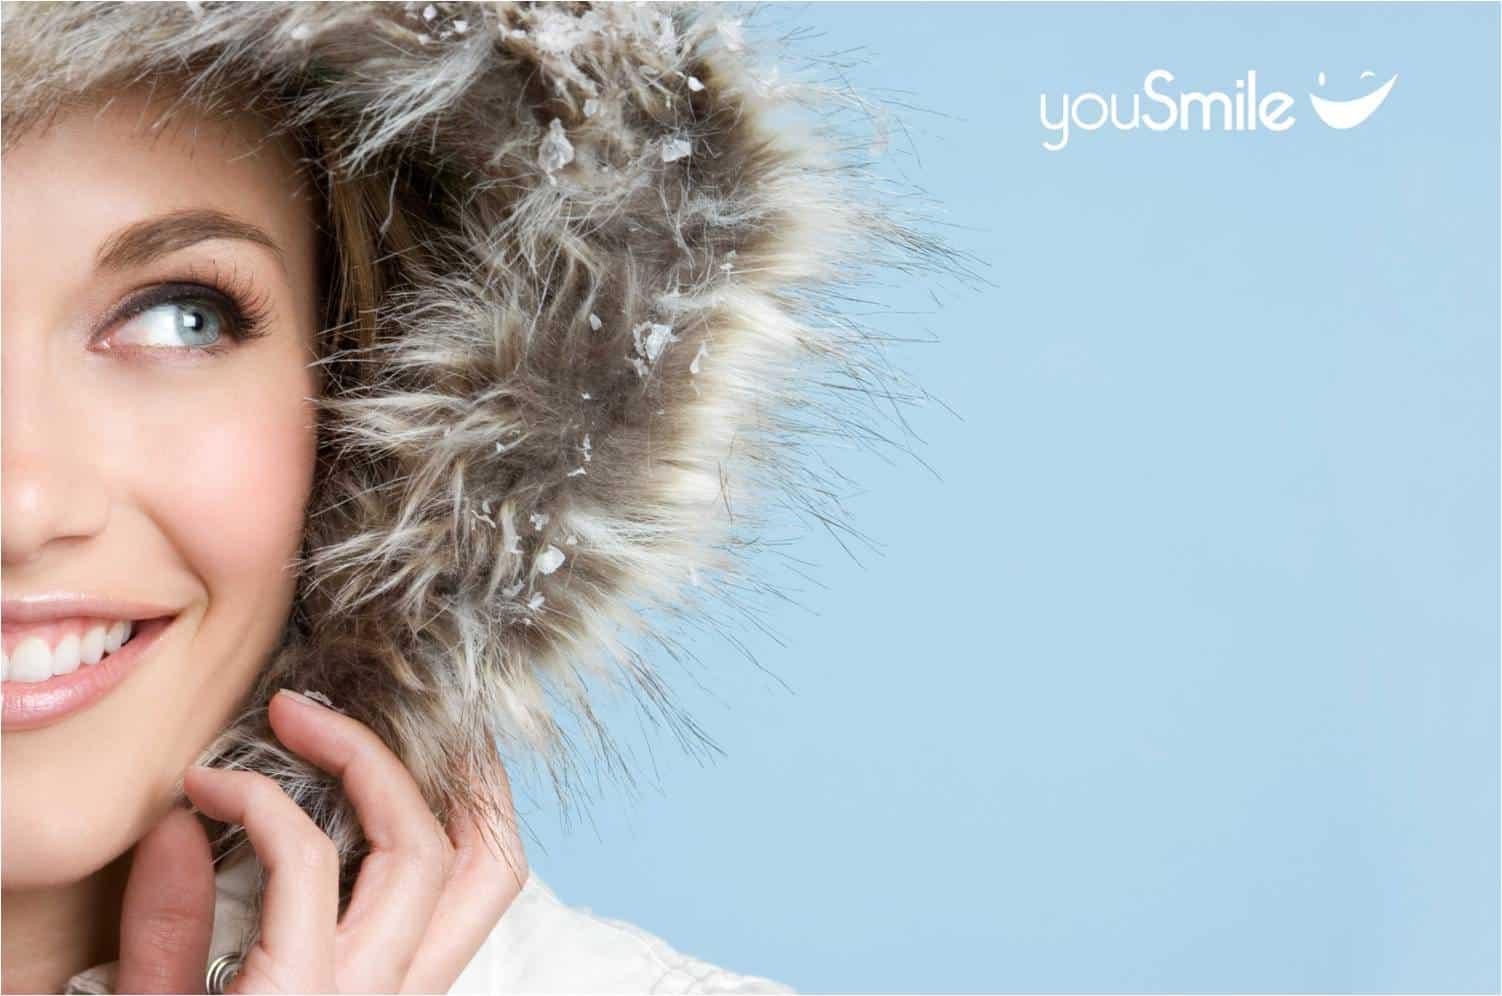 4 Secretos caseros para tener unos dientes blancos